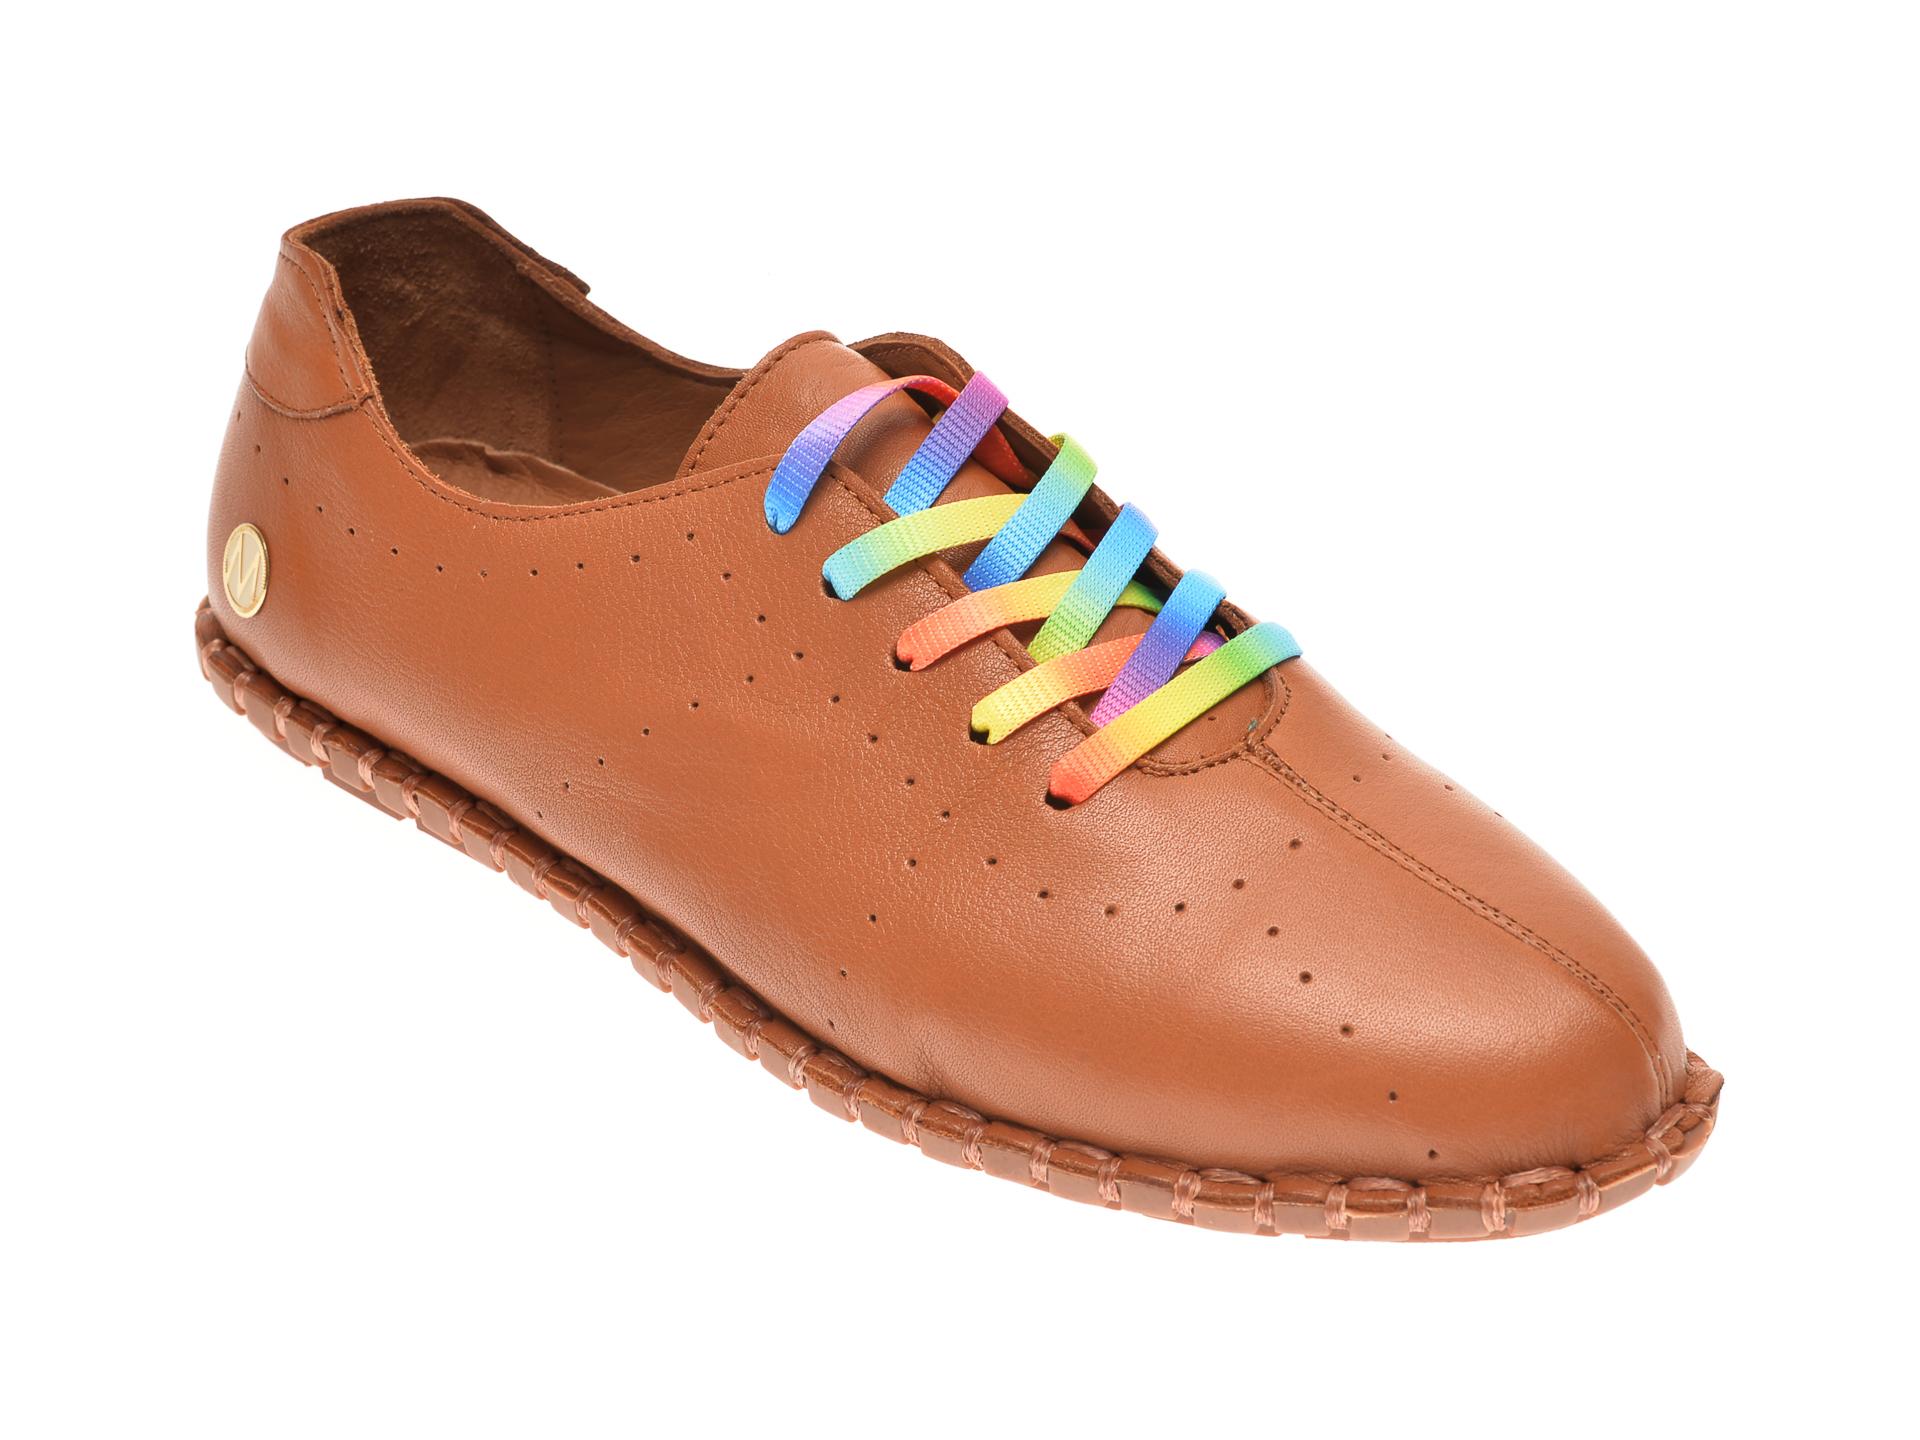 Pantofi MESSIMODA maro, 20Y2902, din piele naturala